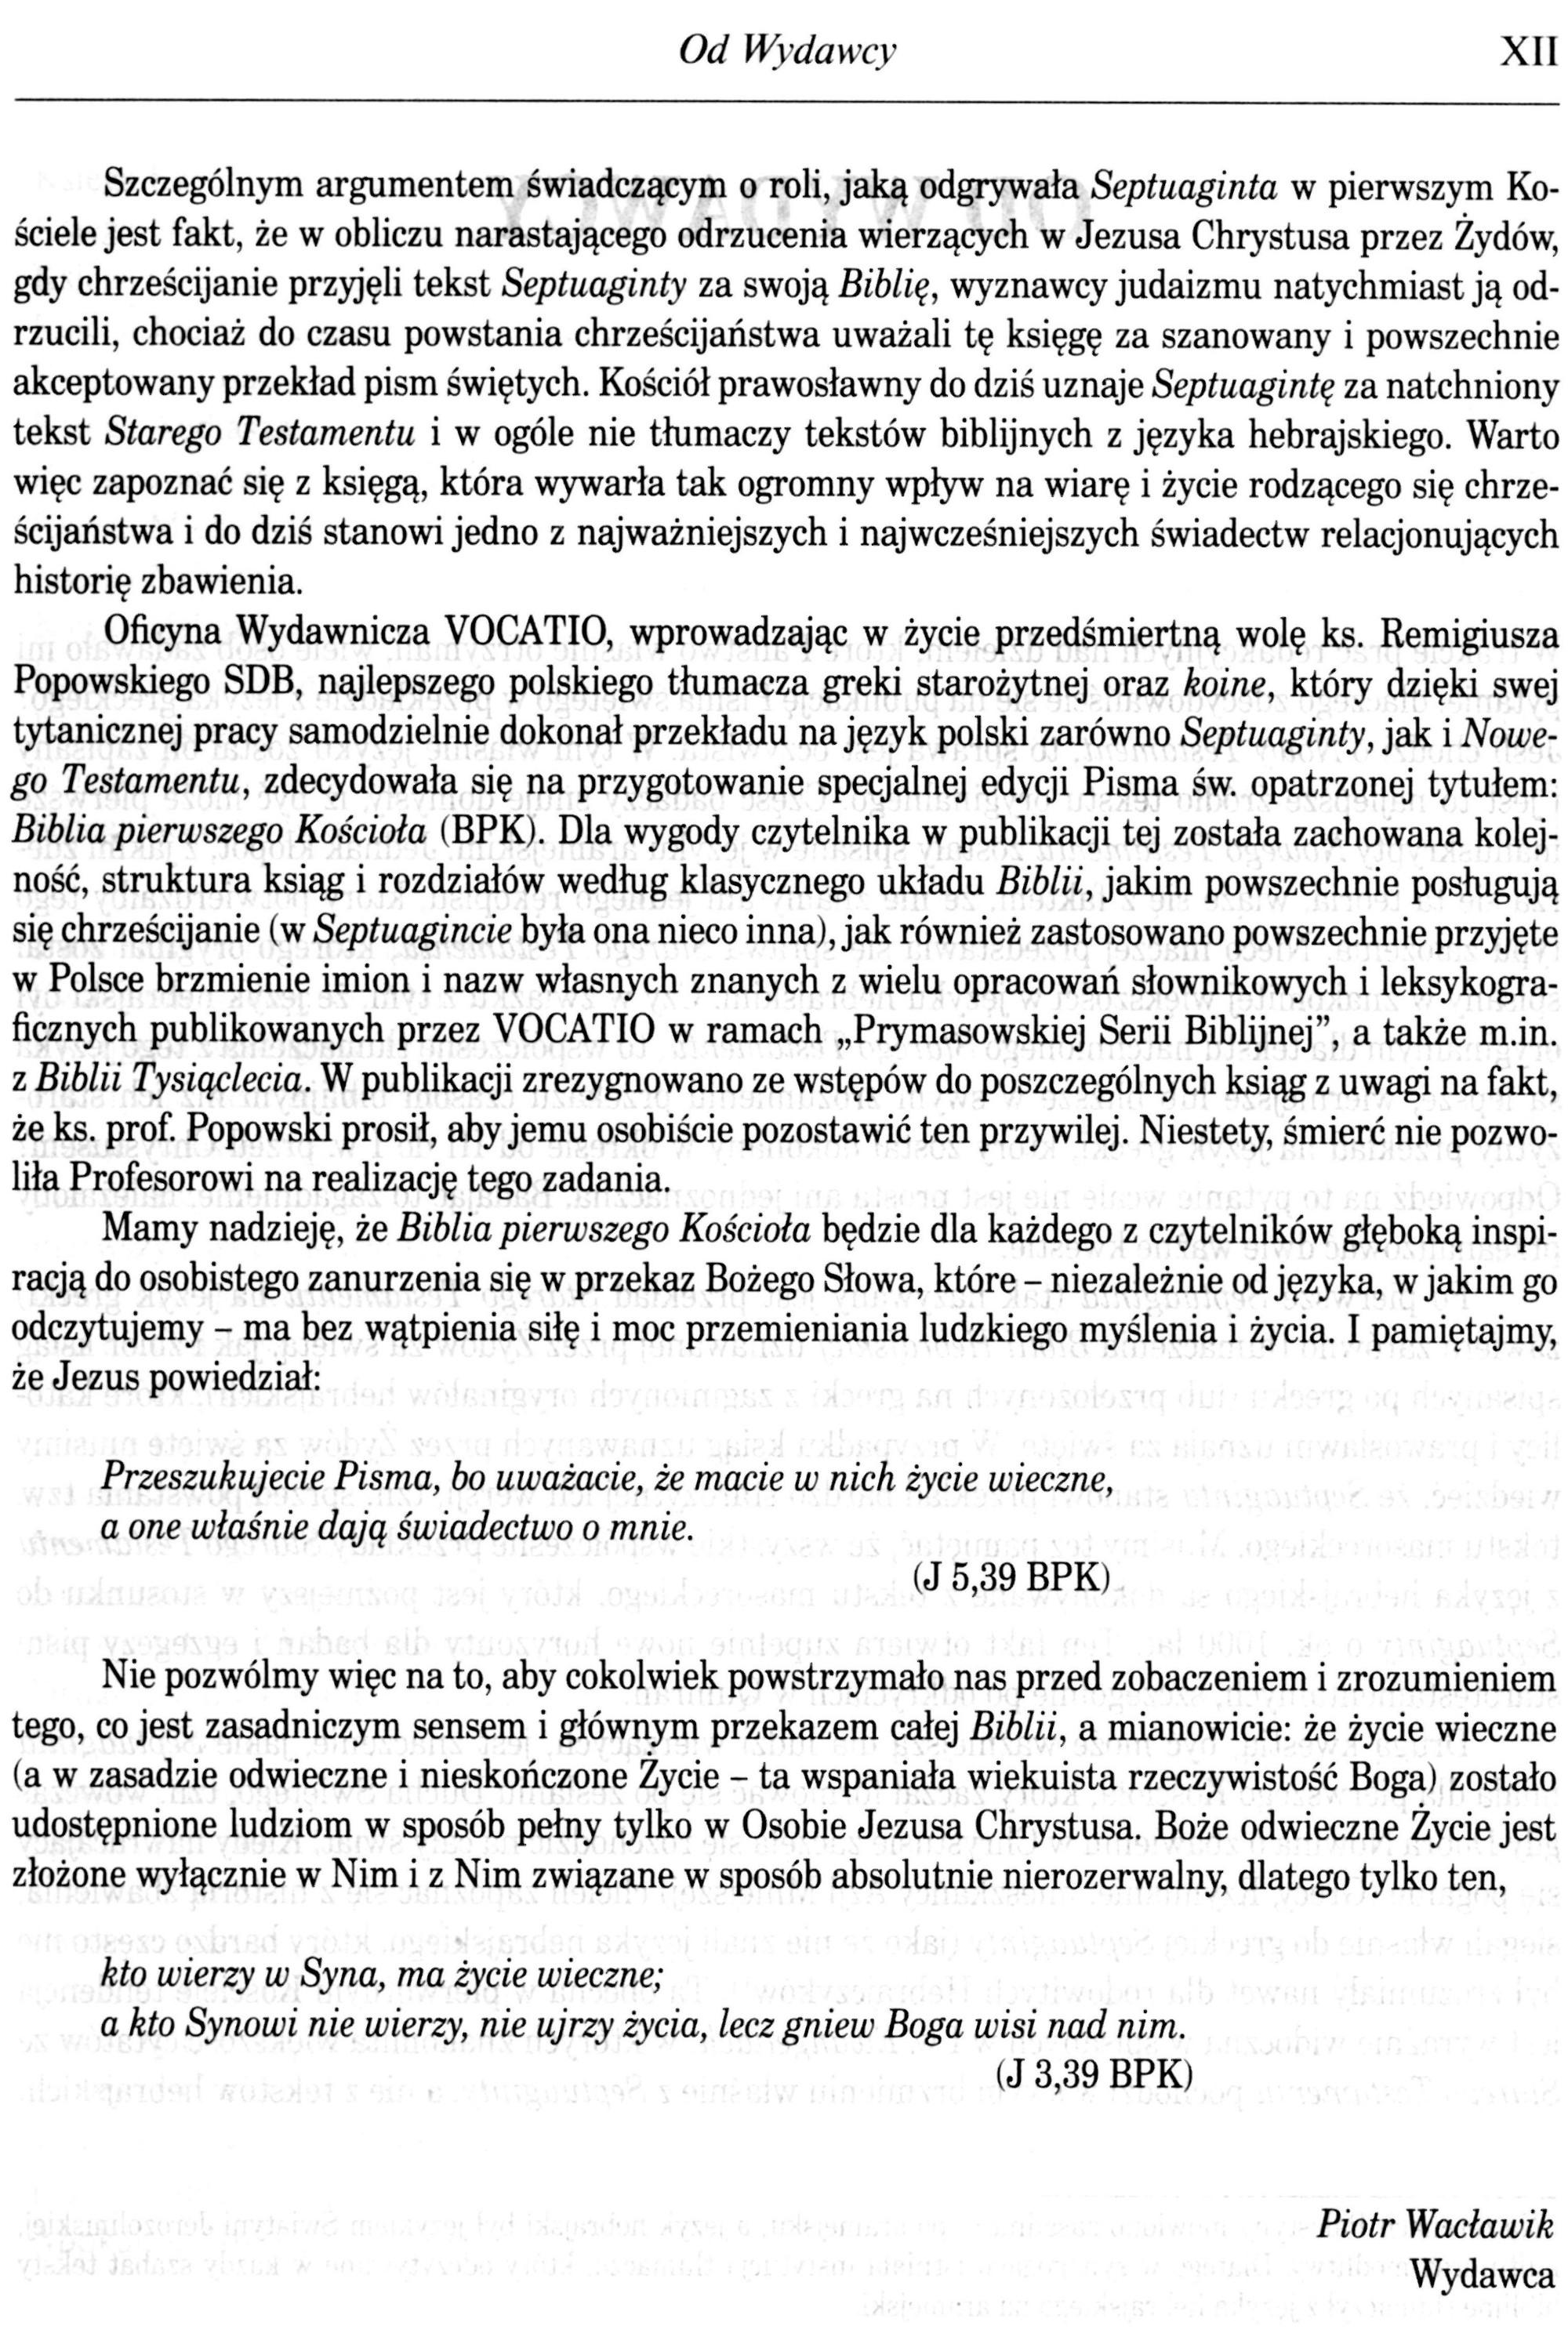 Biblia Pierwszego Kościoła, Vocatio